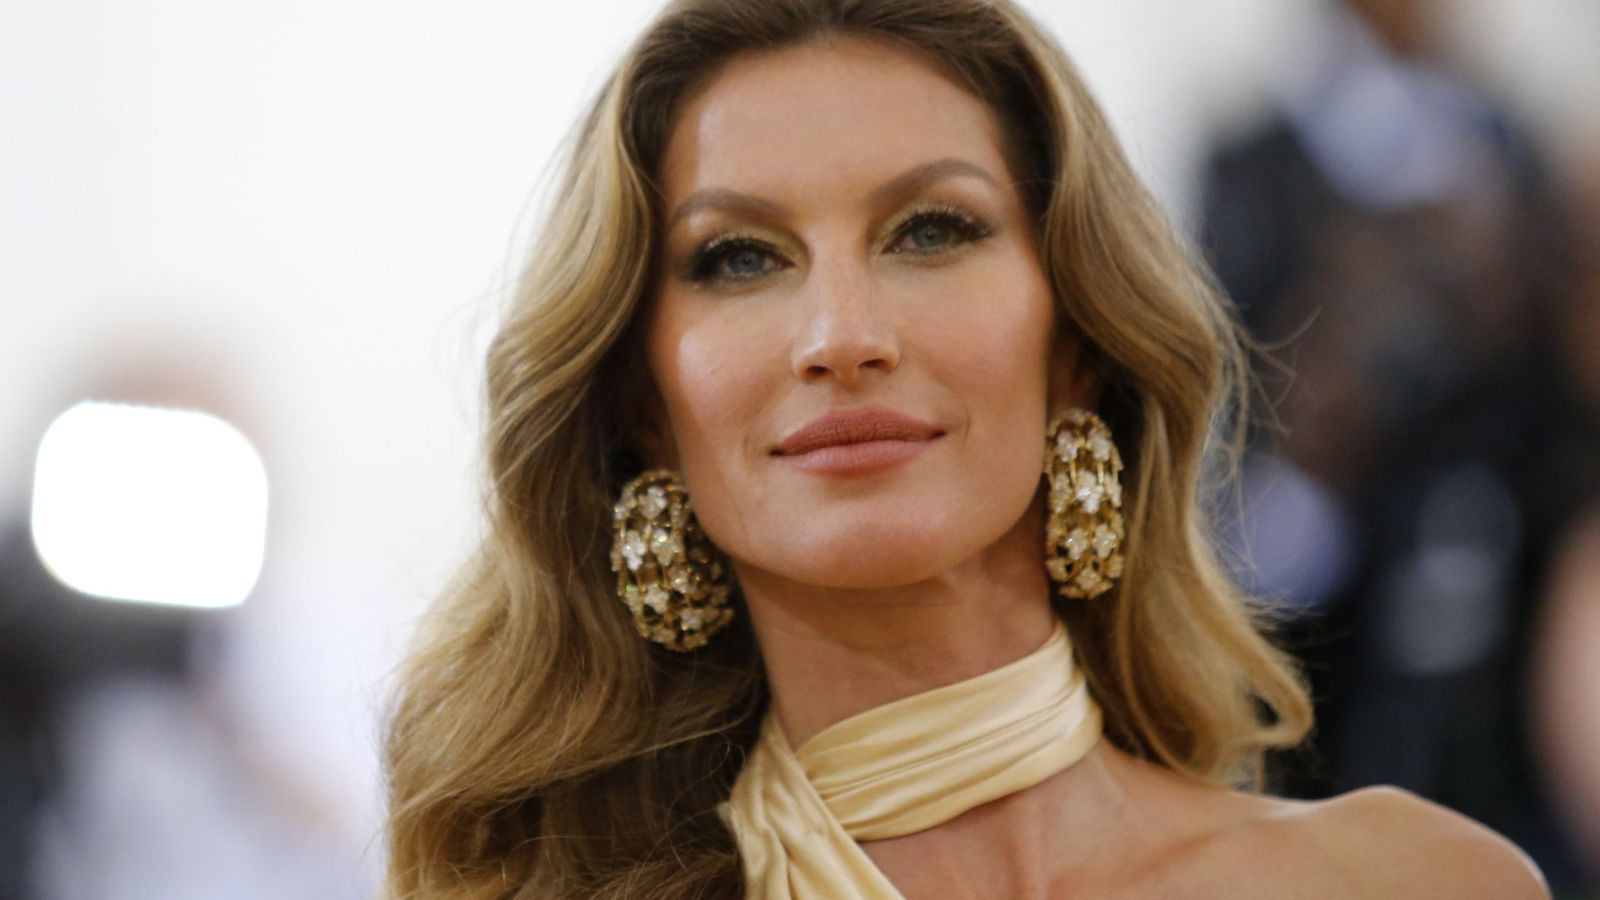 Estilista  Trucos y tratamientos para tener un pelo brillante como las  celebrities e211c33fc8fd